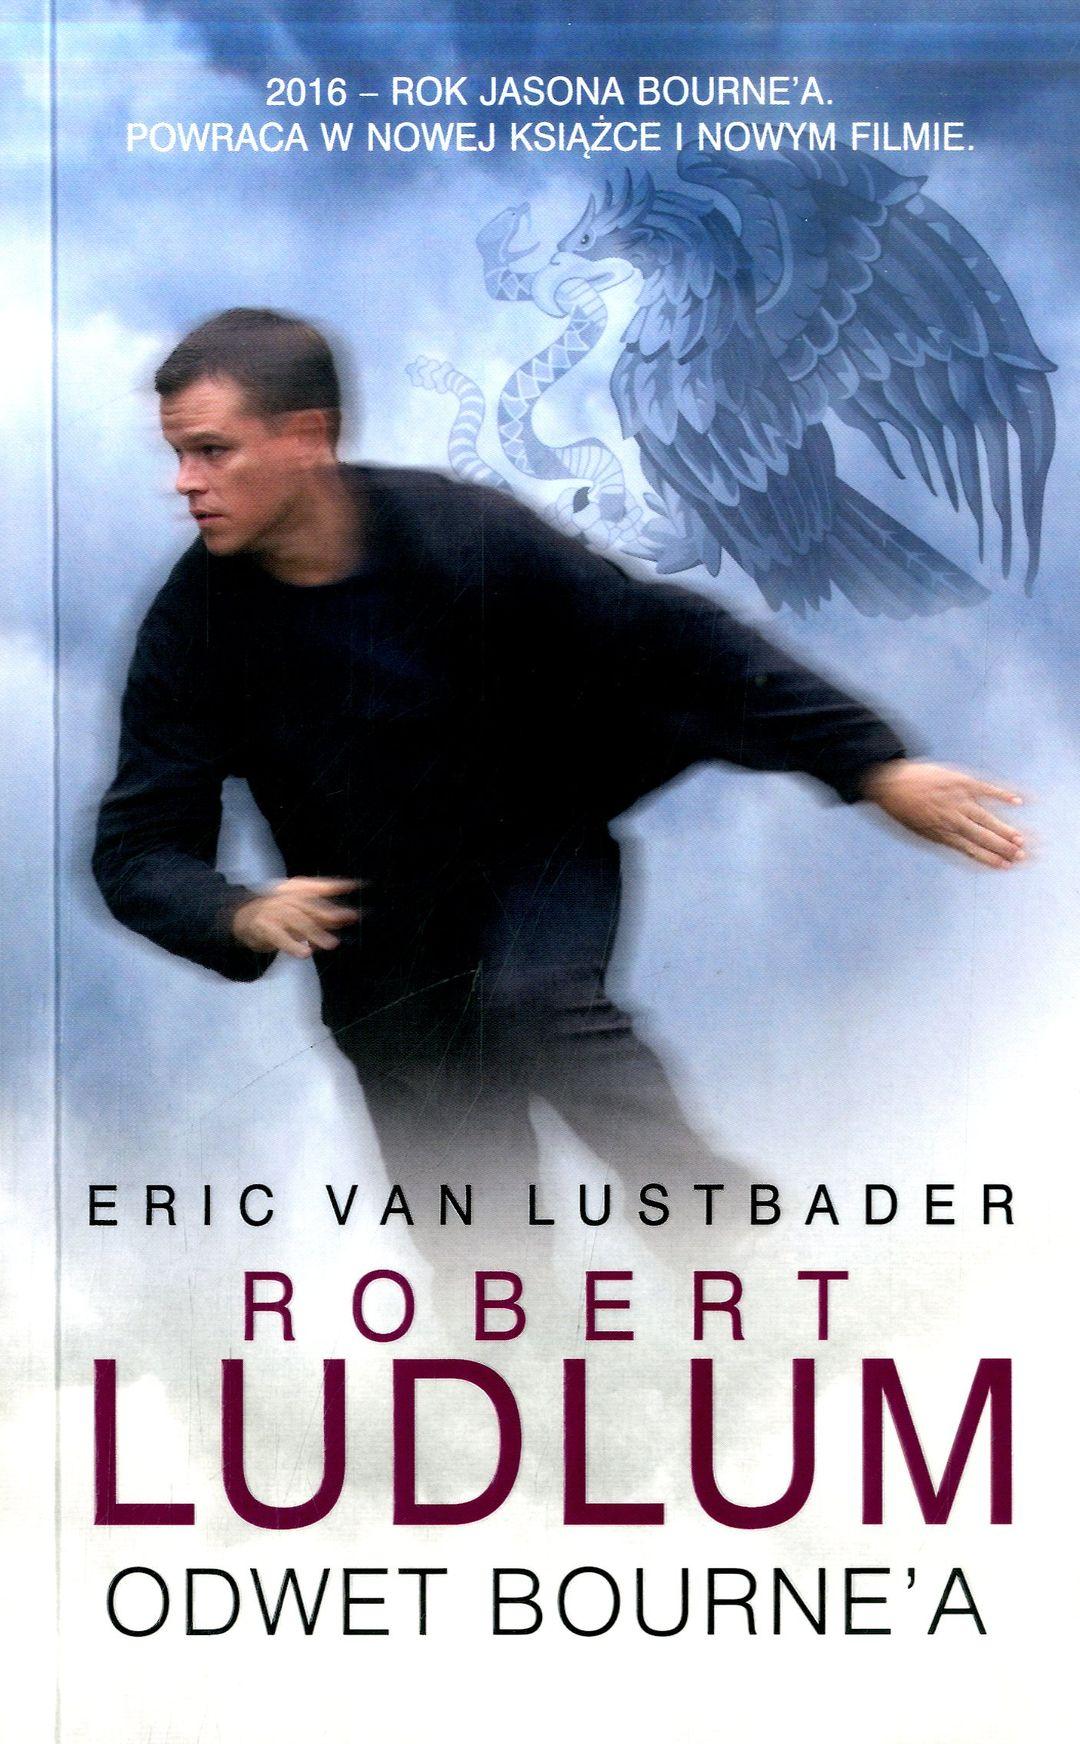 Ludlum Robert – Odwet Bourne'a